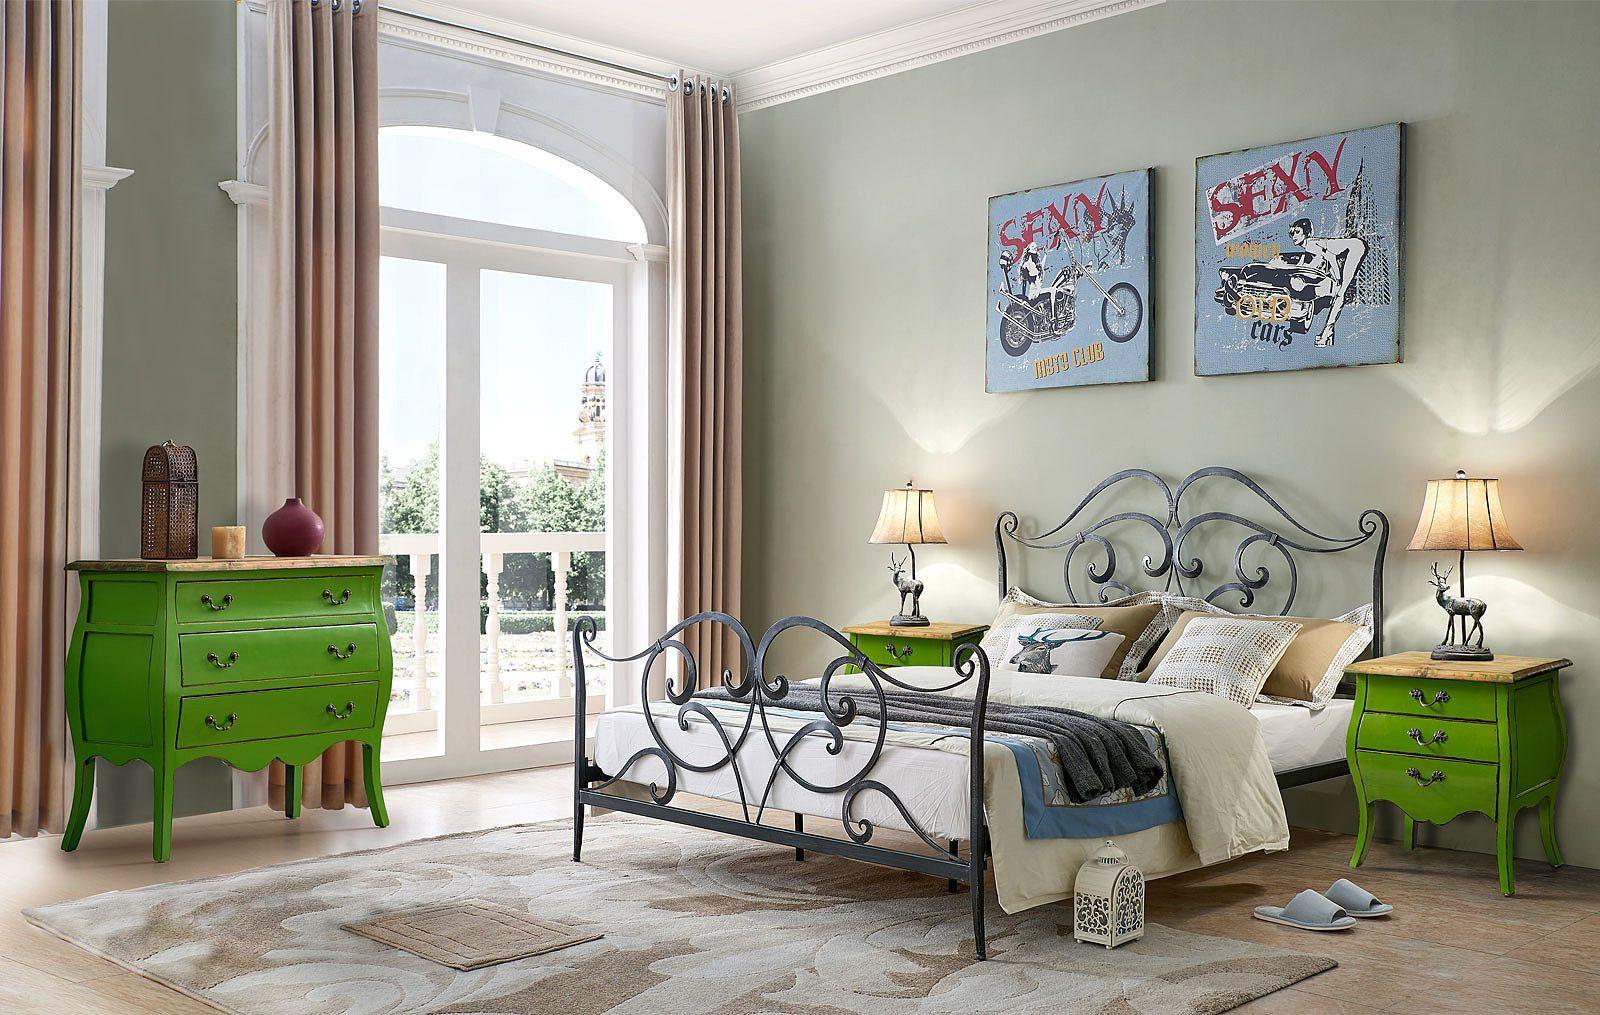 Кровать ESF TDF06009 черная с серым, Тумба прикроватная FL 4015 зеленая и Комод FL-4022 Цвет: зеленый F2